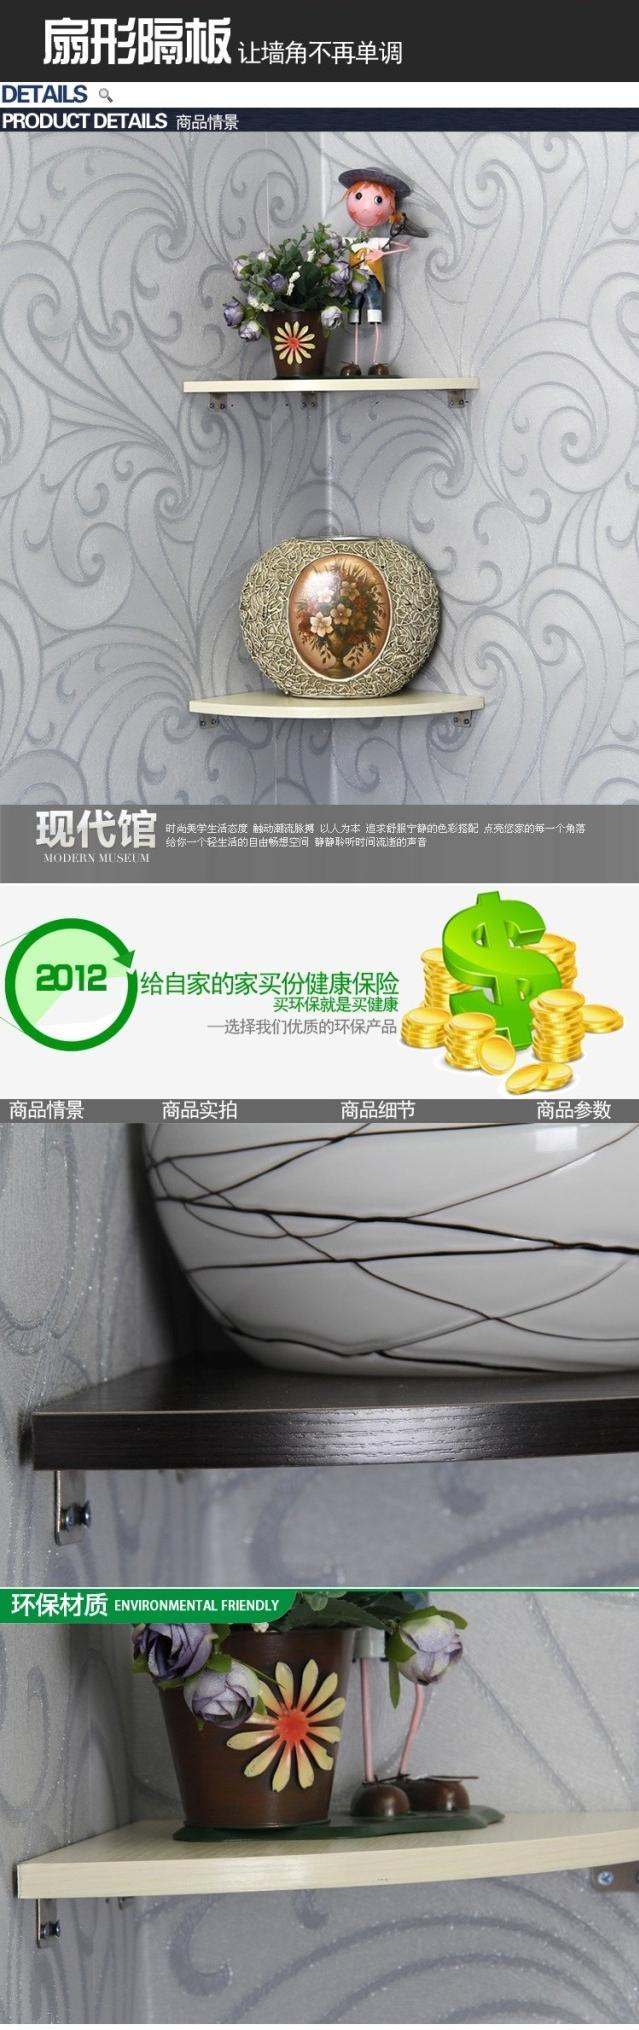 绮璞旗舰店_QP/绮璞品牌产品评情图